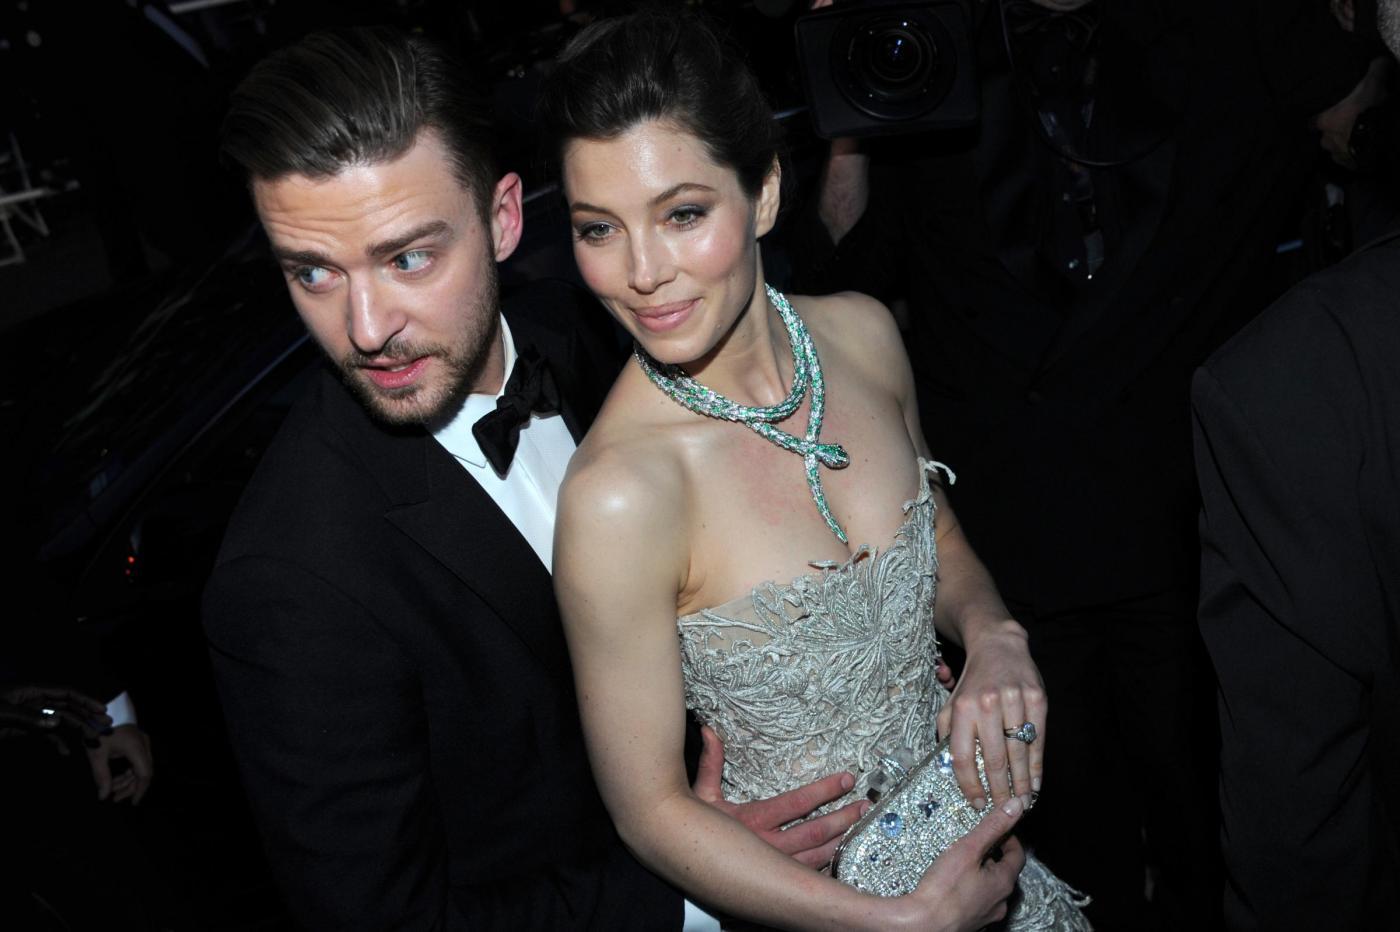 Jessica Biel mamma: la moglie di Justin Timberlake ha dato alla luce Silas Randall